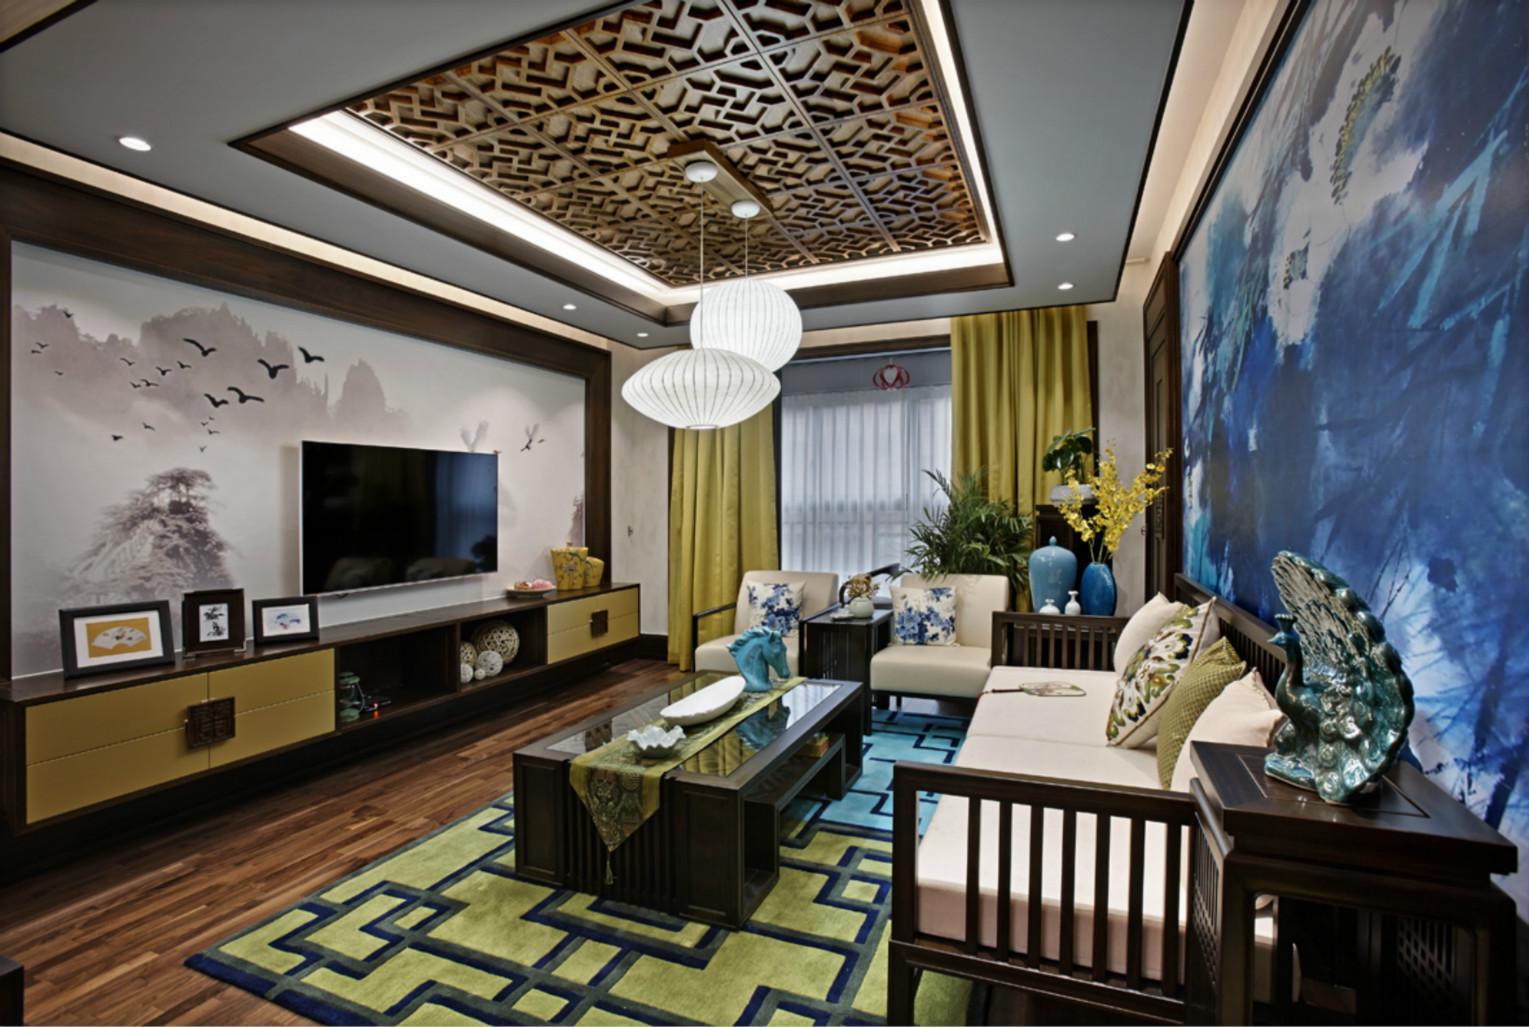 客厅的布局井井有条,沙发、摆放错落有致,将偌大的客厅打造得紧凑好看。